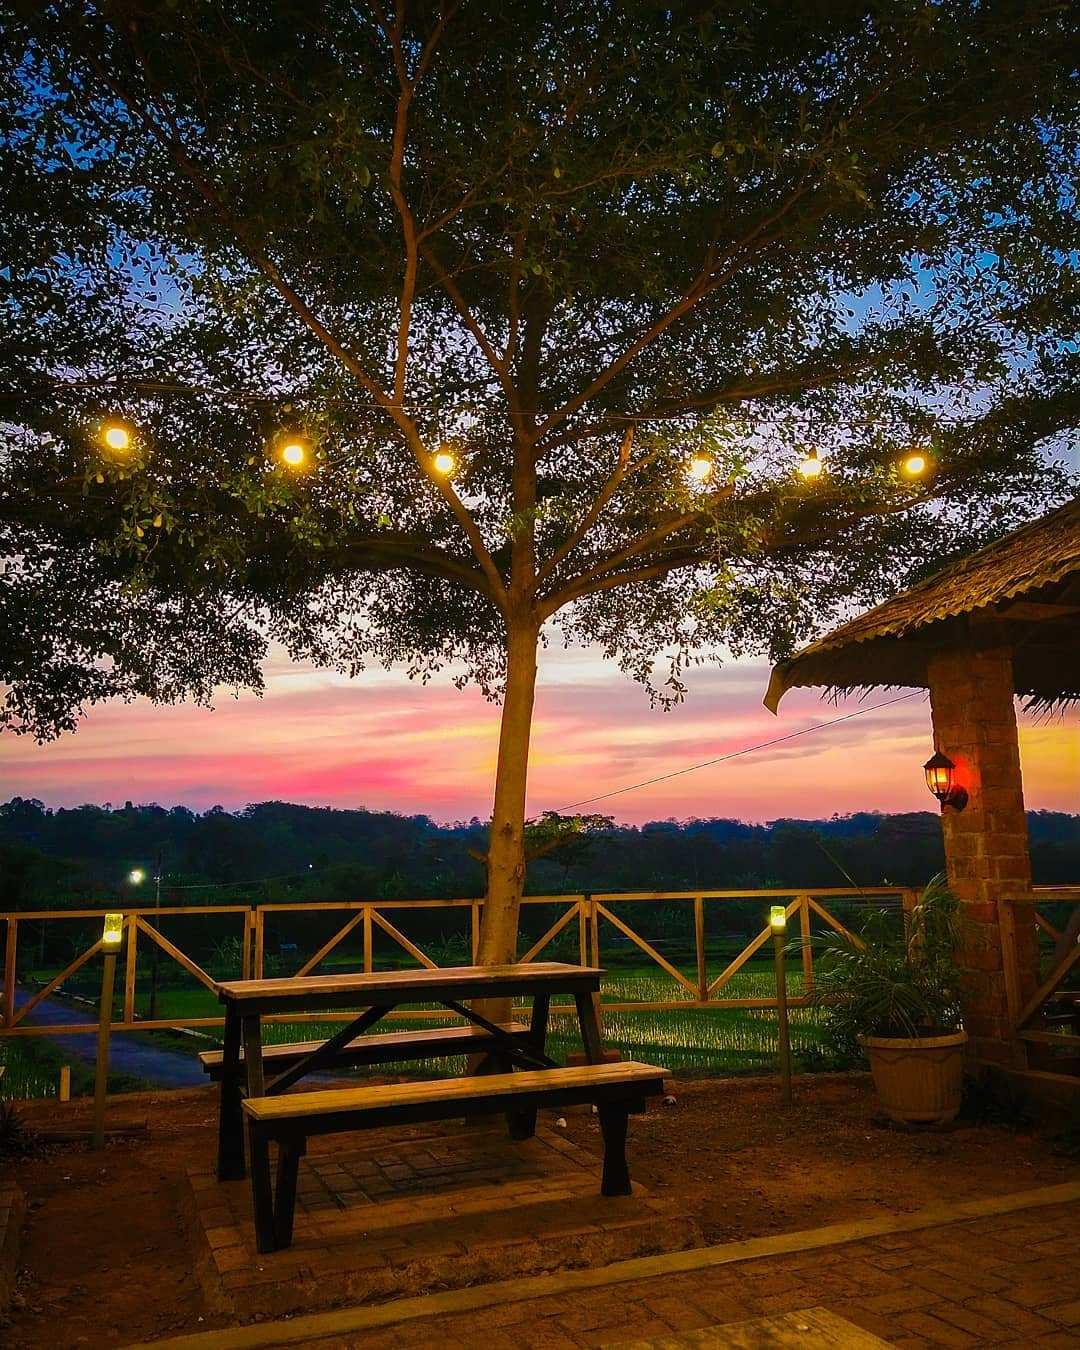 Suasana Sunset Di Cafe Rolet Jepara Image From @putrianggun33